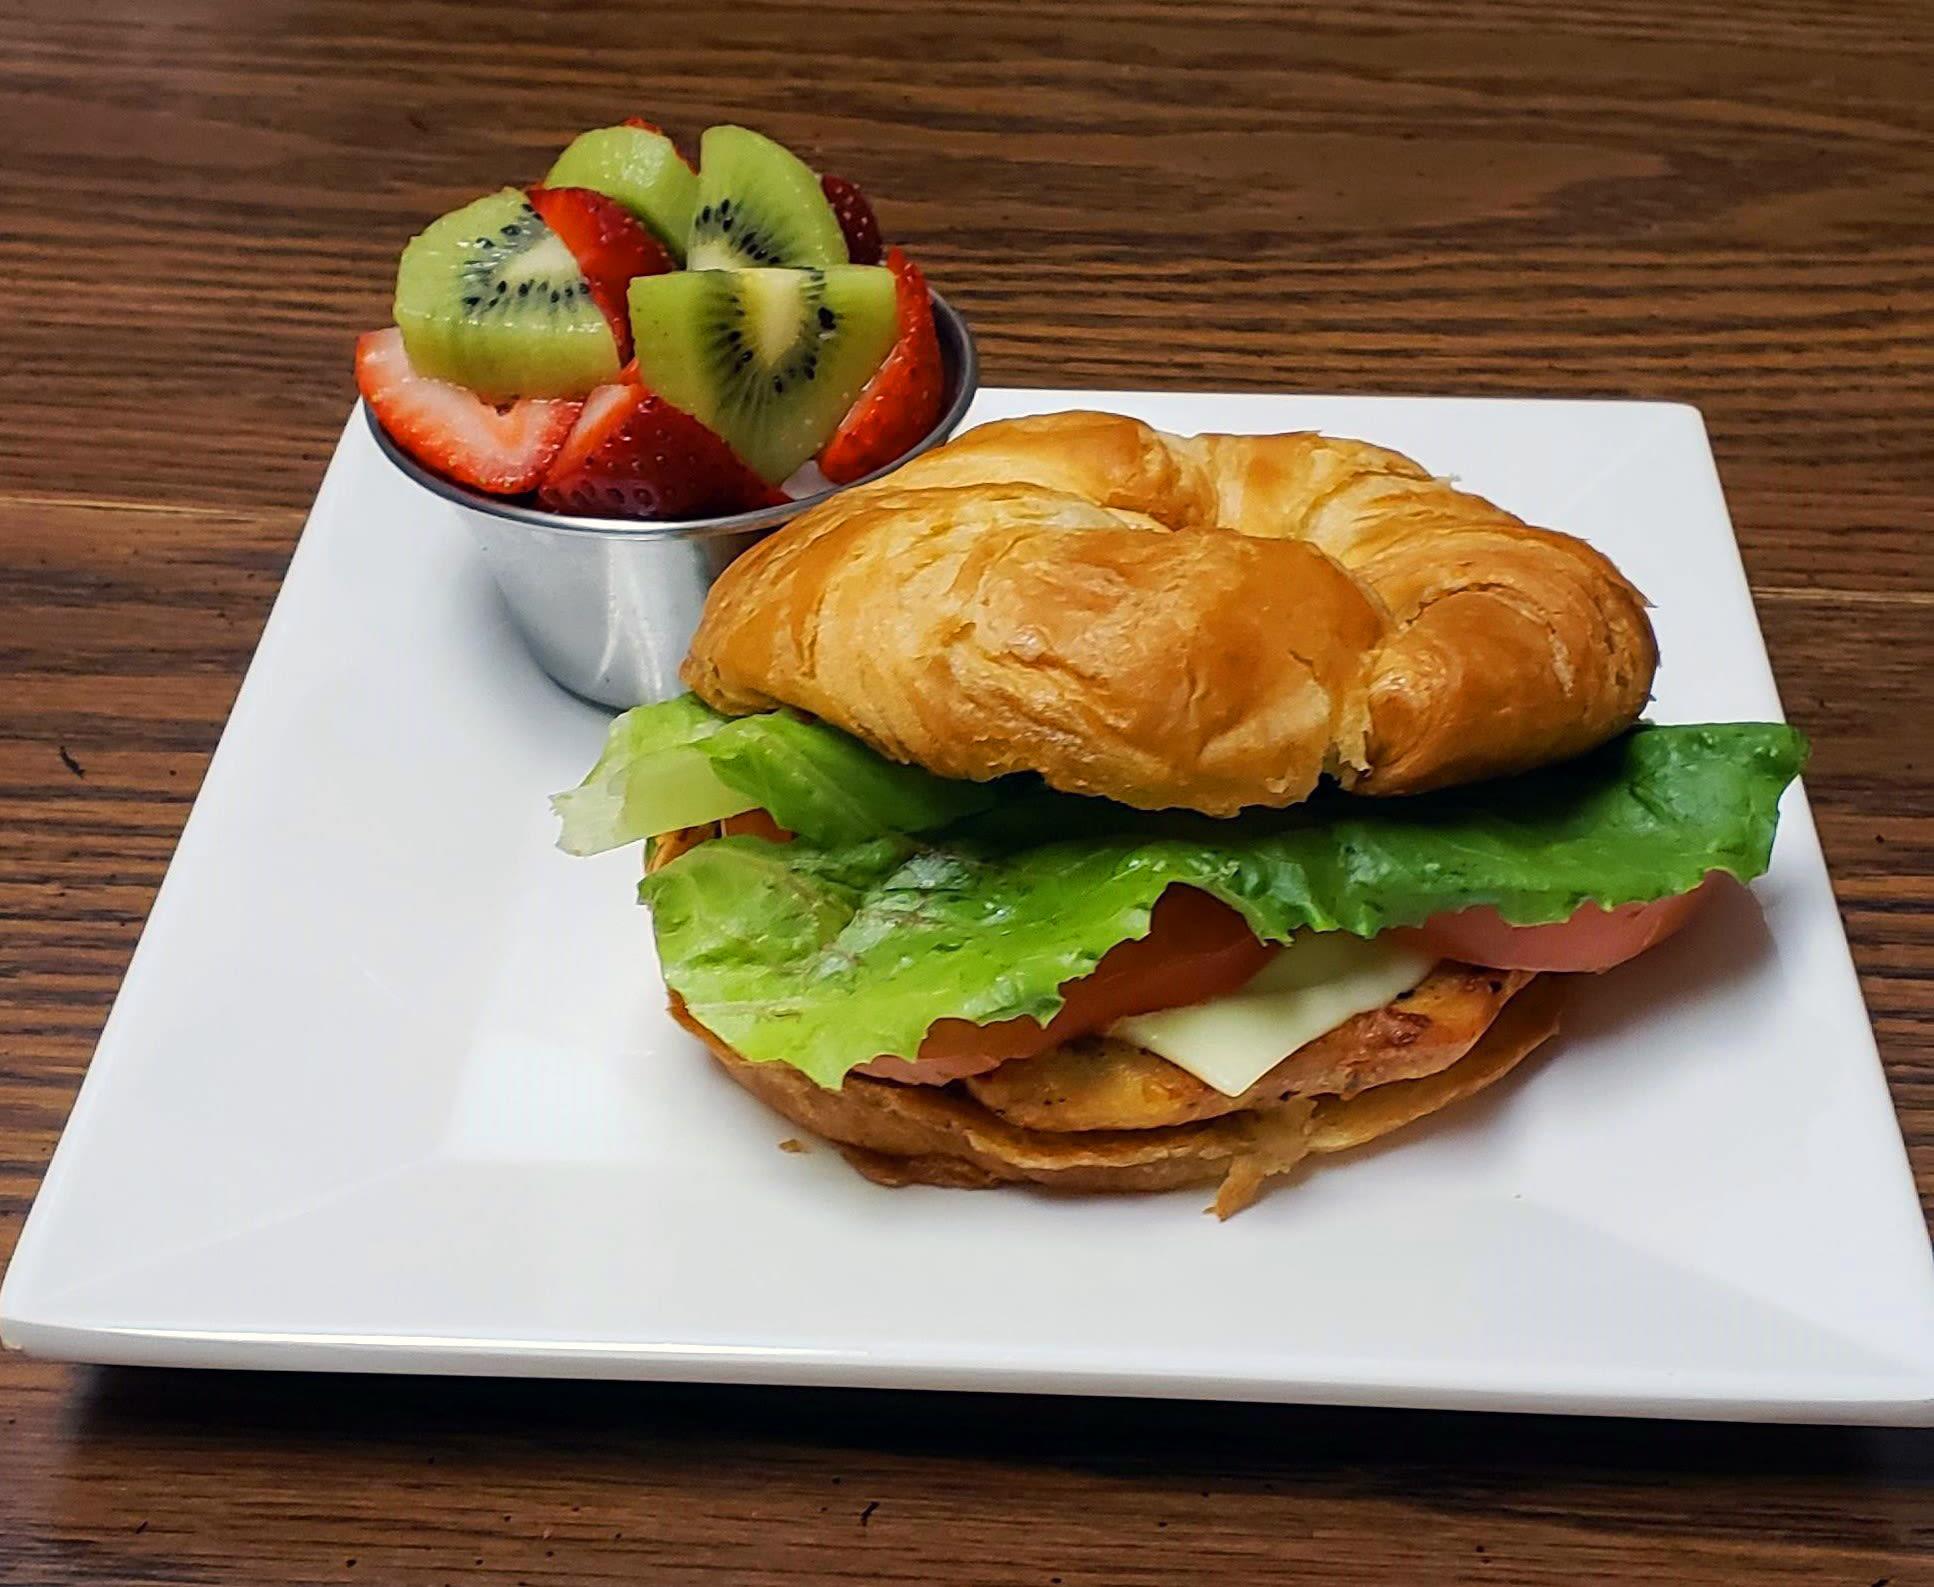 Grilled Chicken Sandwich Timber Pointe Senior Living